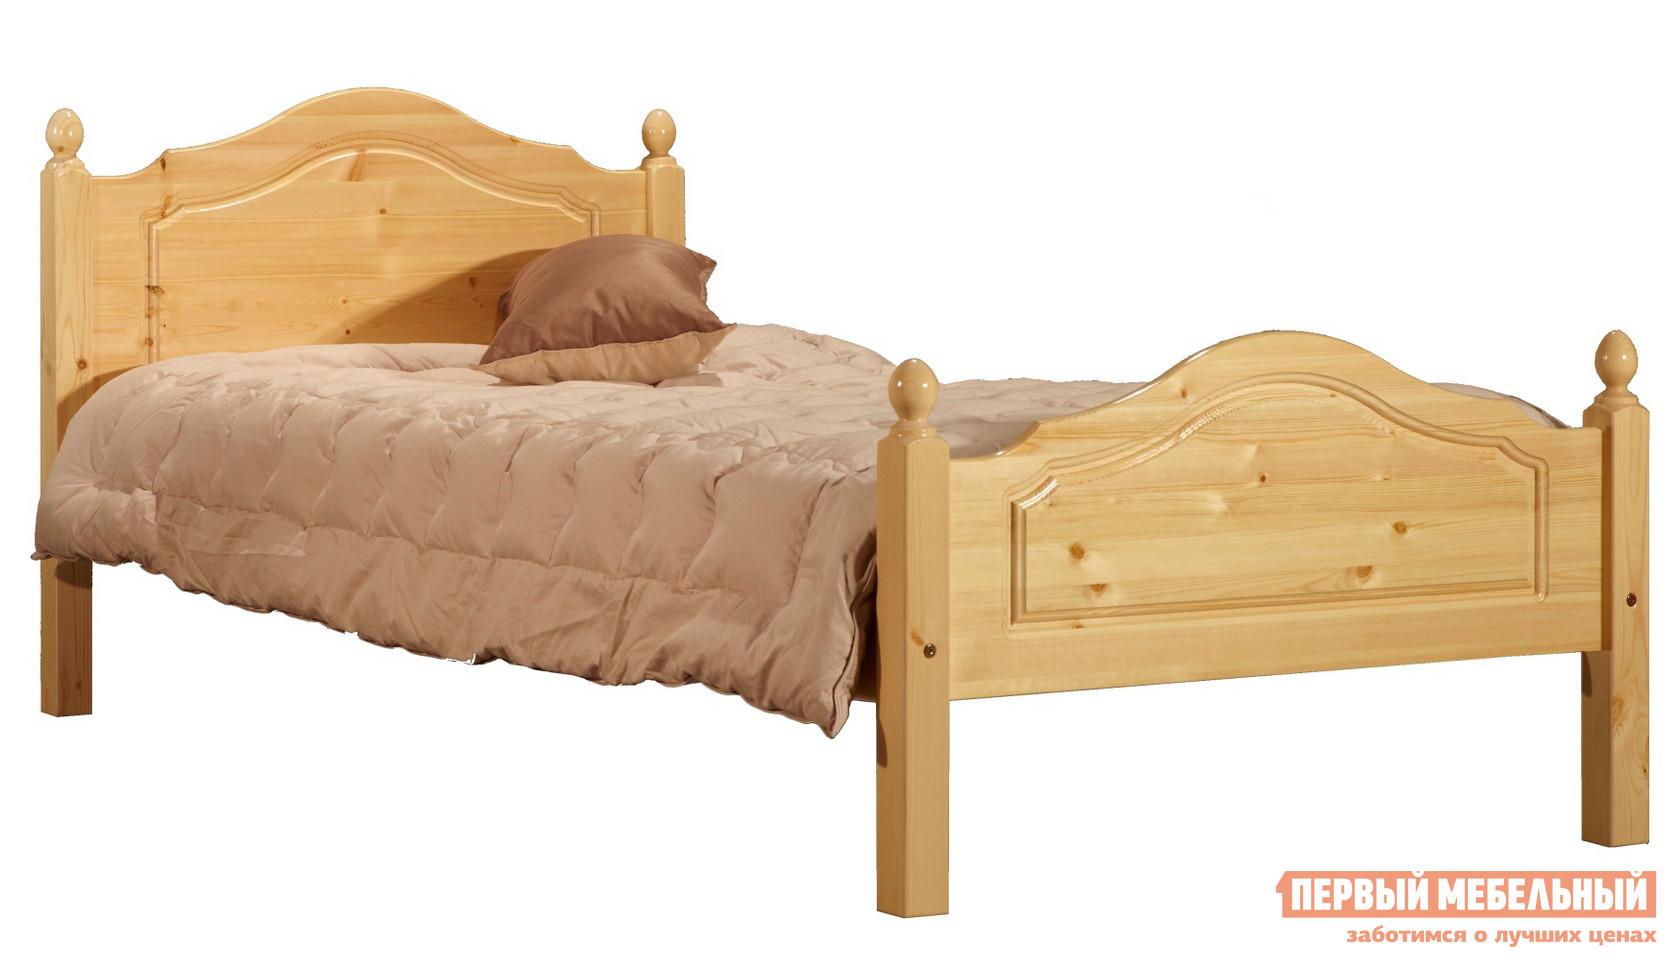 Кровать Timberica Кая (K2) Спальное место 900 Х 2000 мм, Бесцветный лак, Без матраса